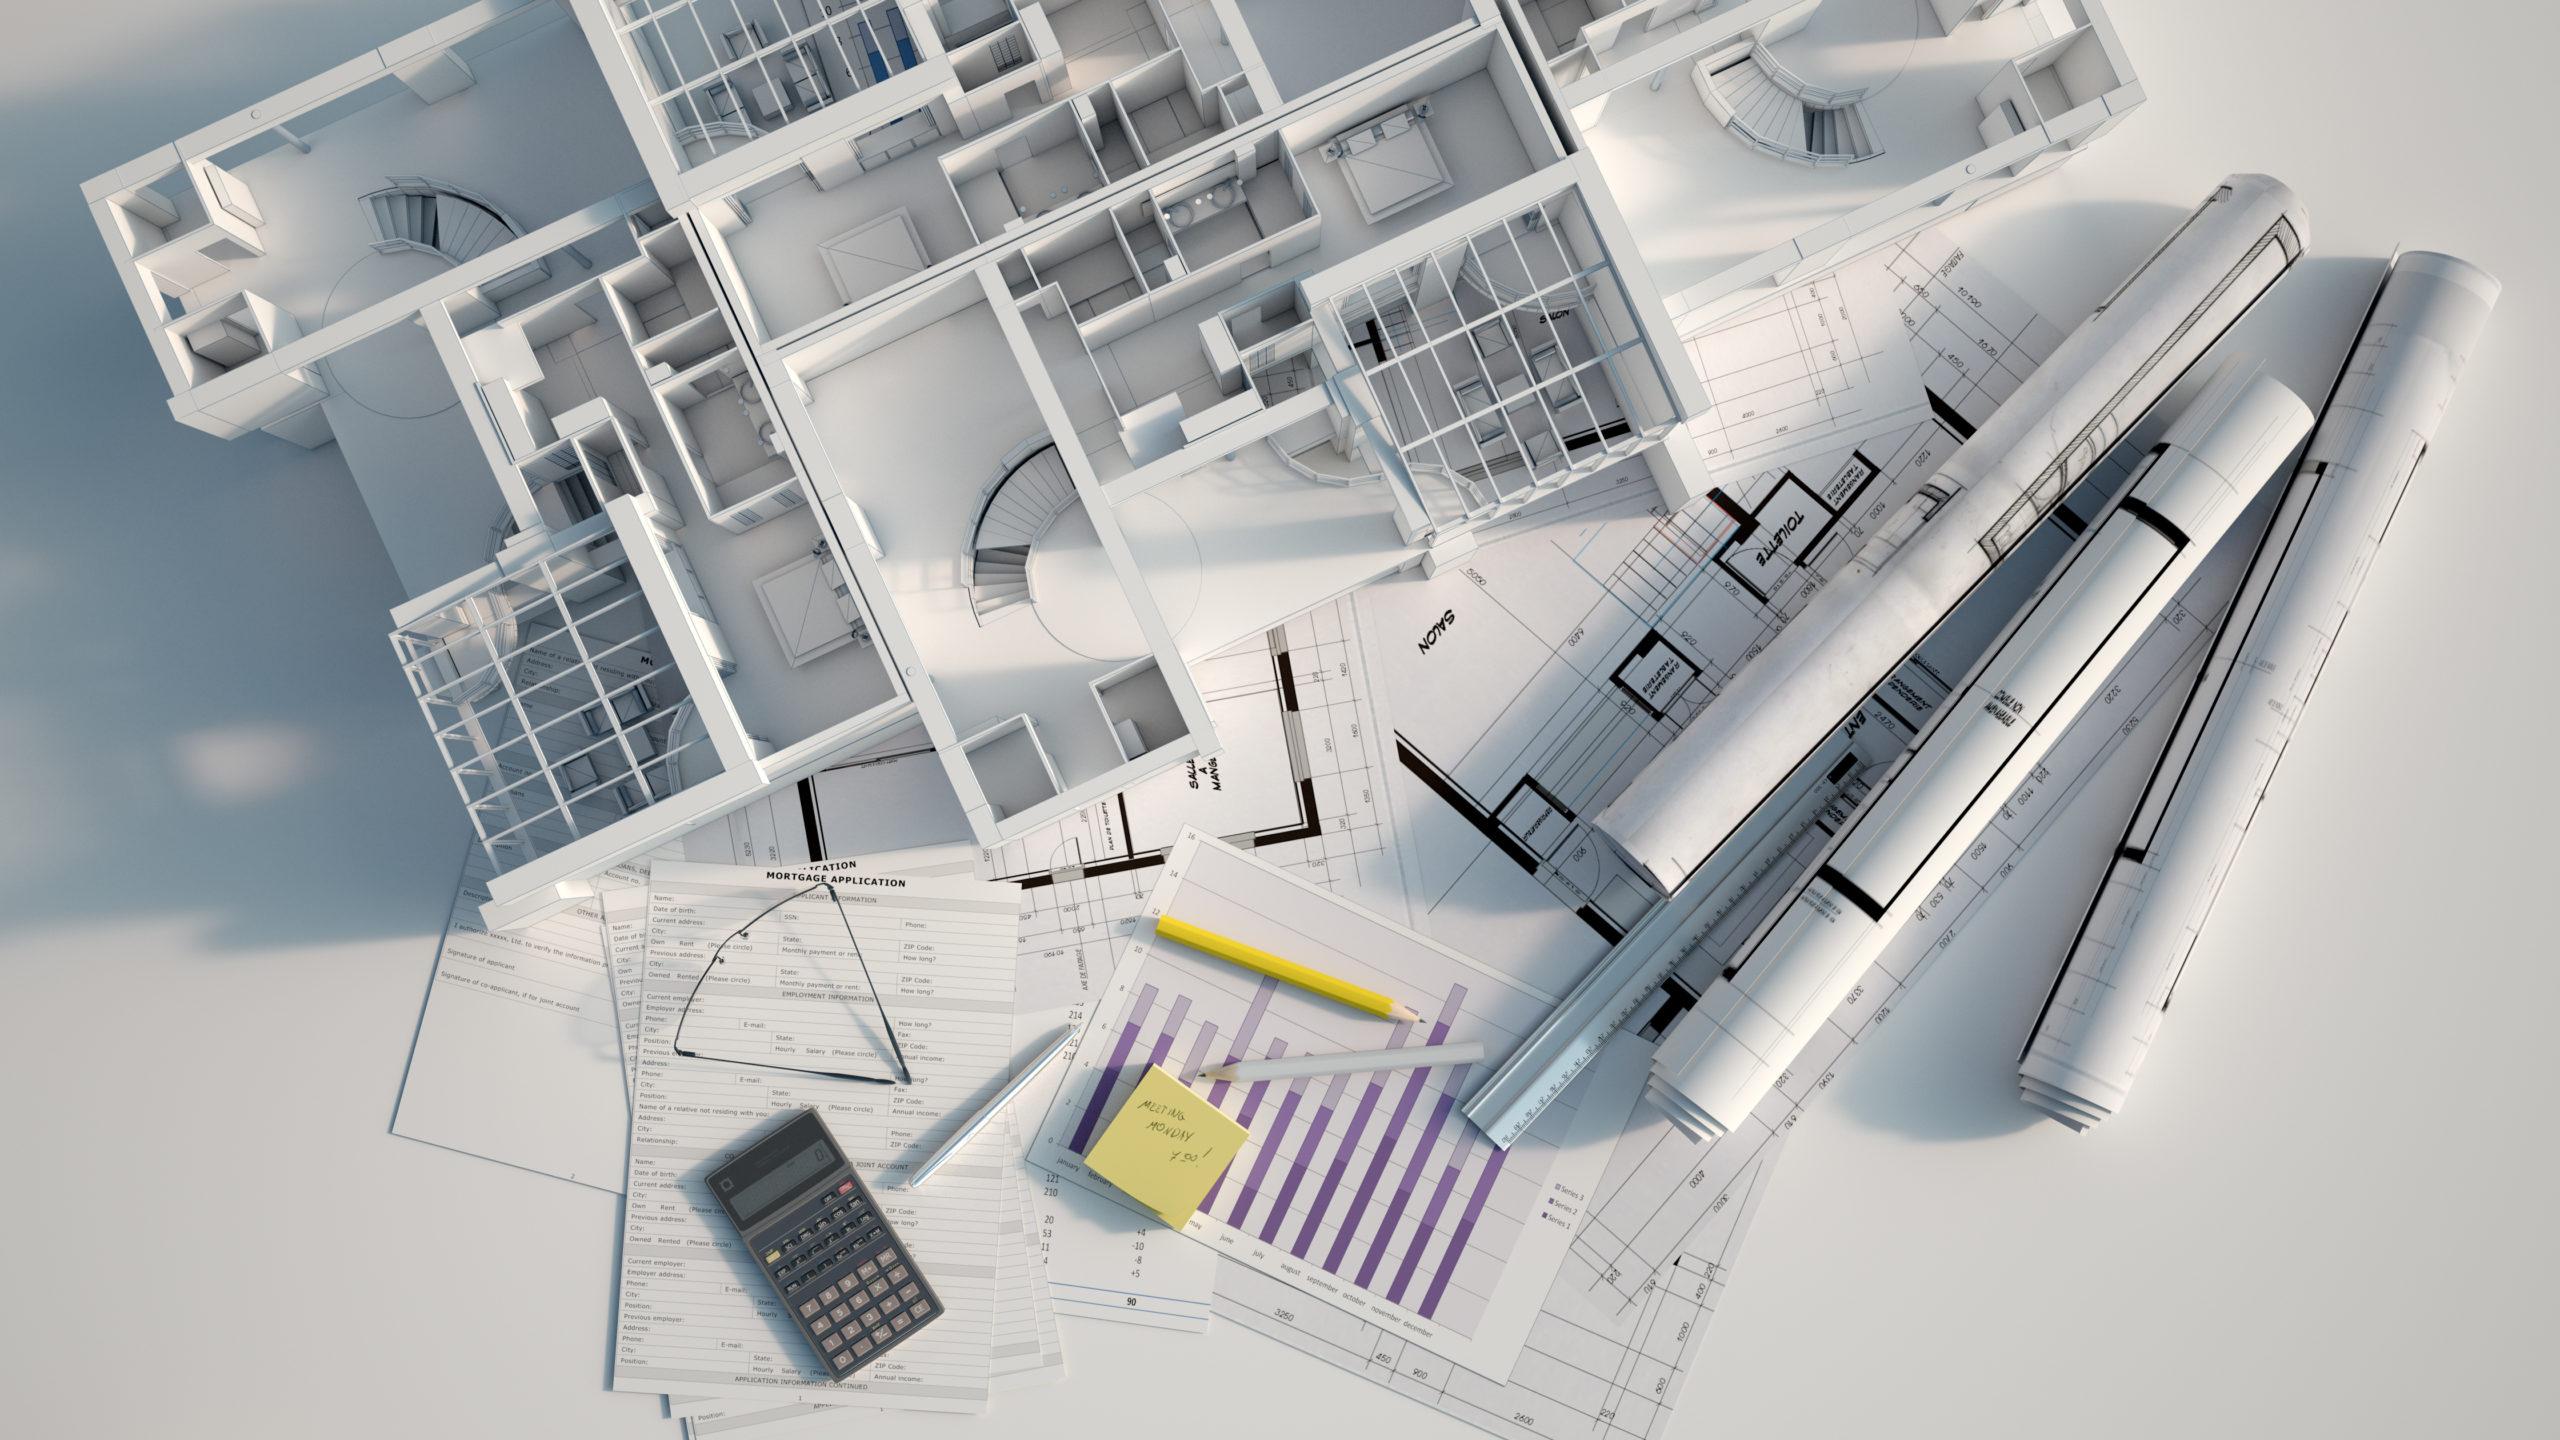 Progettazione immobili a Cagliari: un nuovo modo di concepire i lavori edili